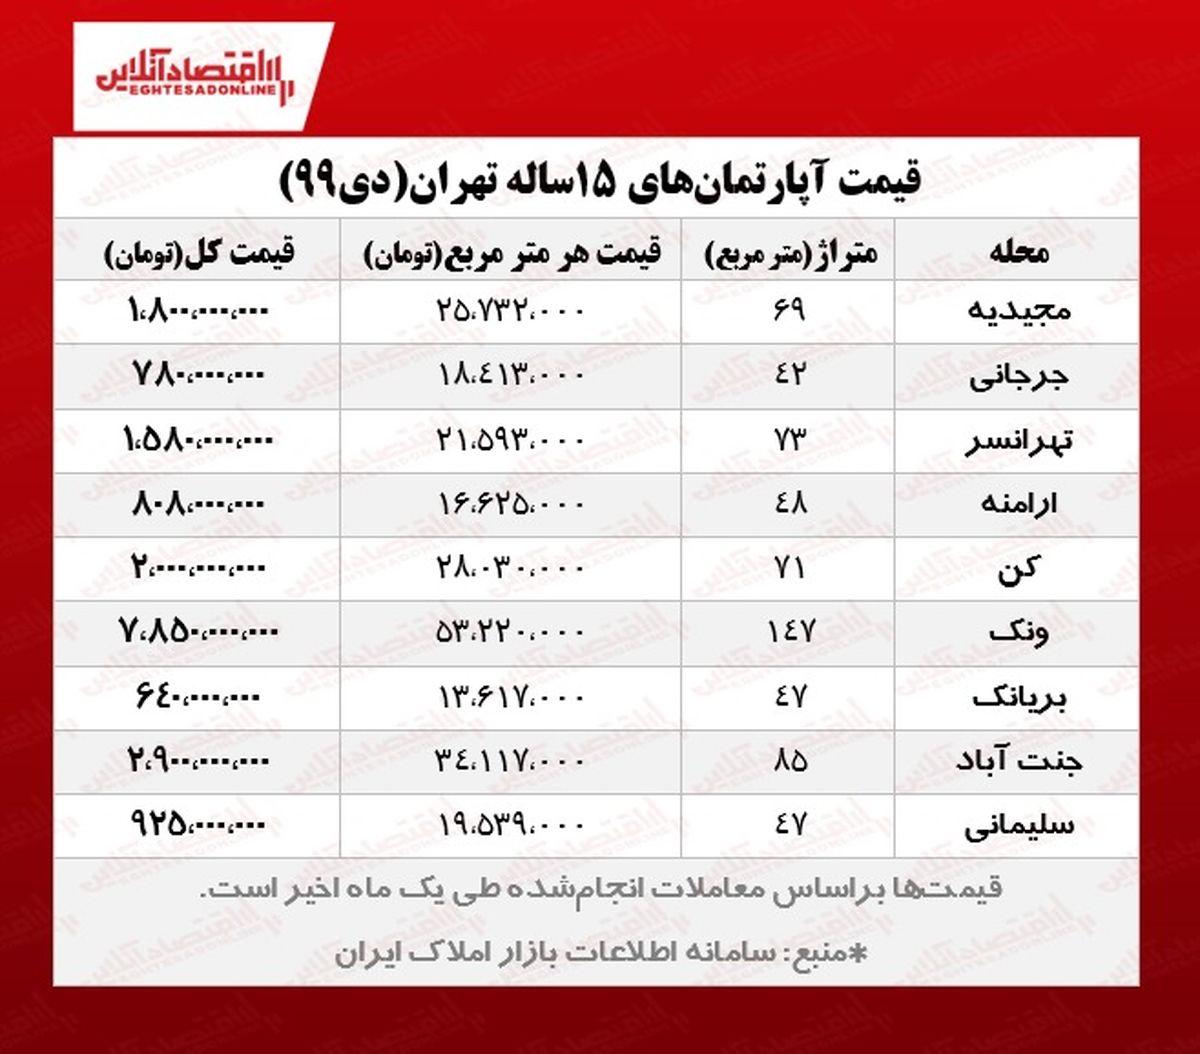 آپارتمانهای ۱۵ساله تهران چند؟